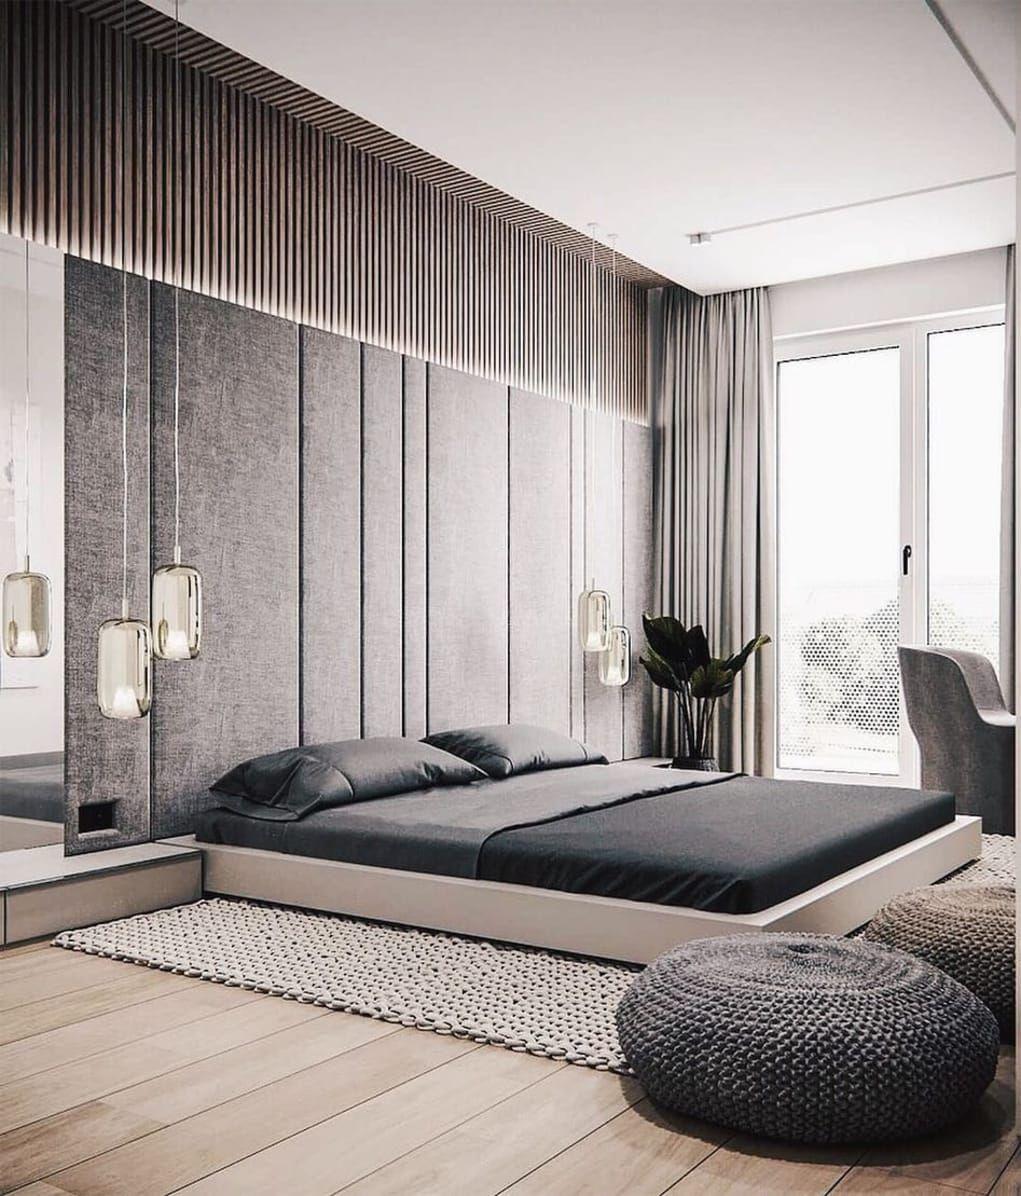 Minimal Interior Design Inspiration 218 Modern Master Bedroom Design Bedroom Design Luxury Bedroom Design Home design bedroom furniture